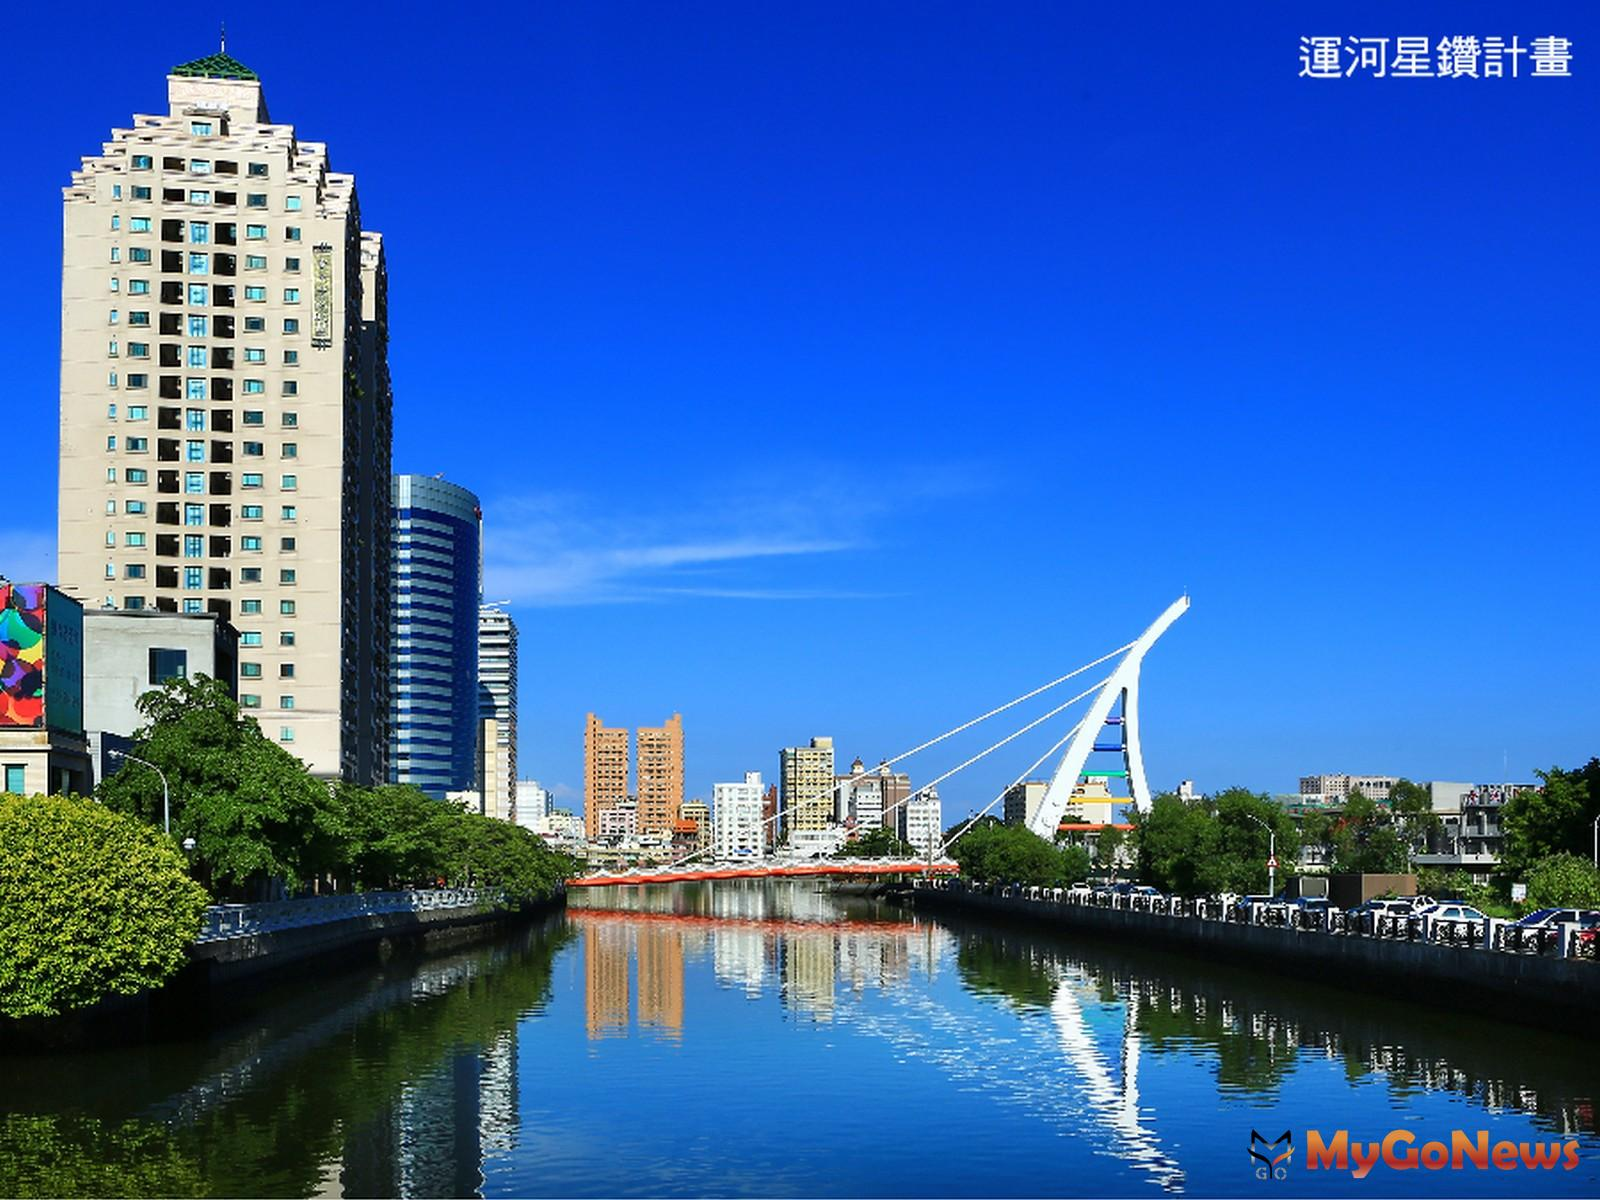 六都看台南、台南看安平,永華市政上段3倍增值,價值第一 MyGoNews房地產新聞 熱銷推案